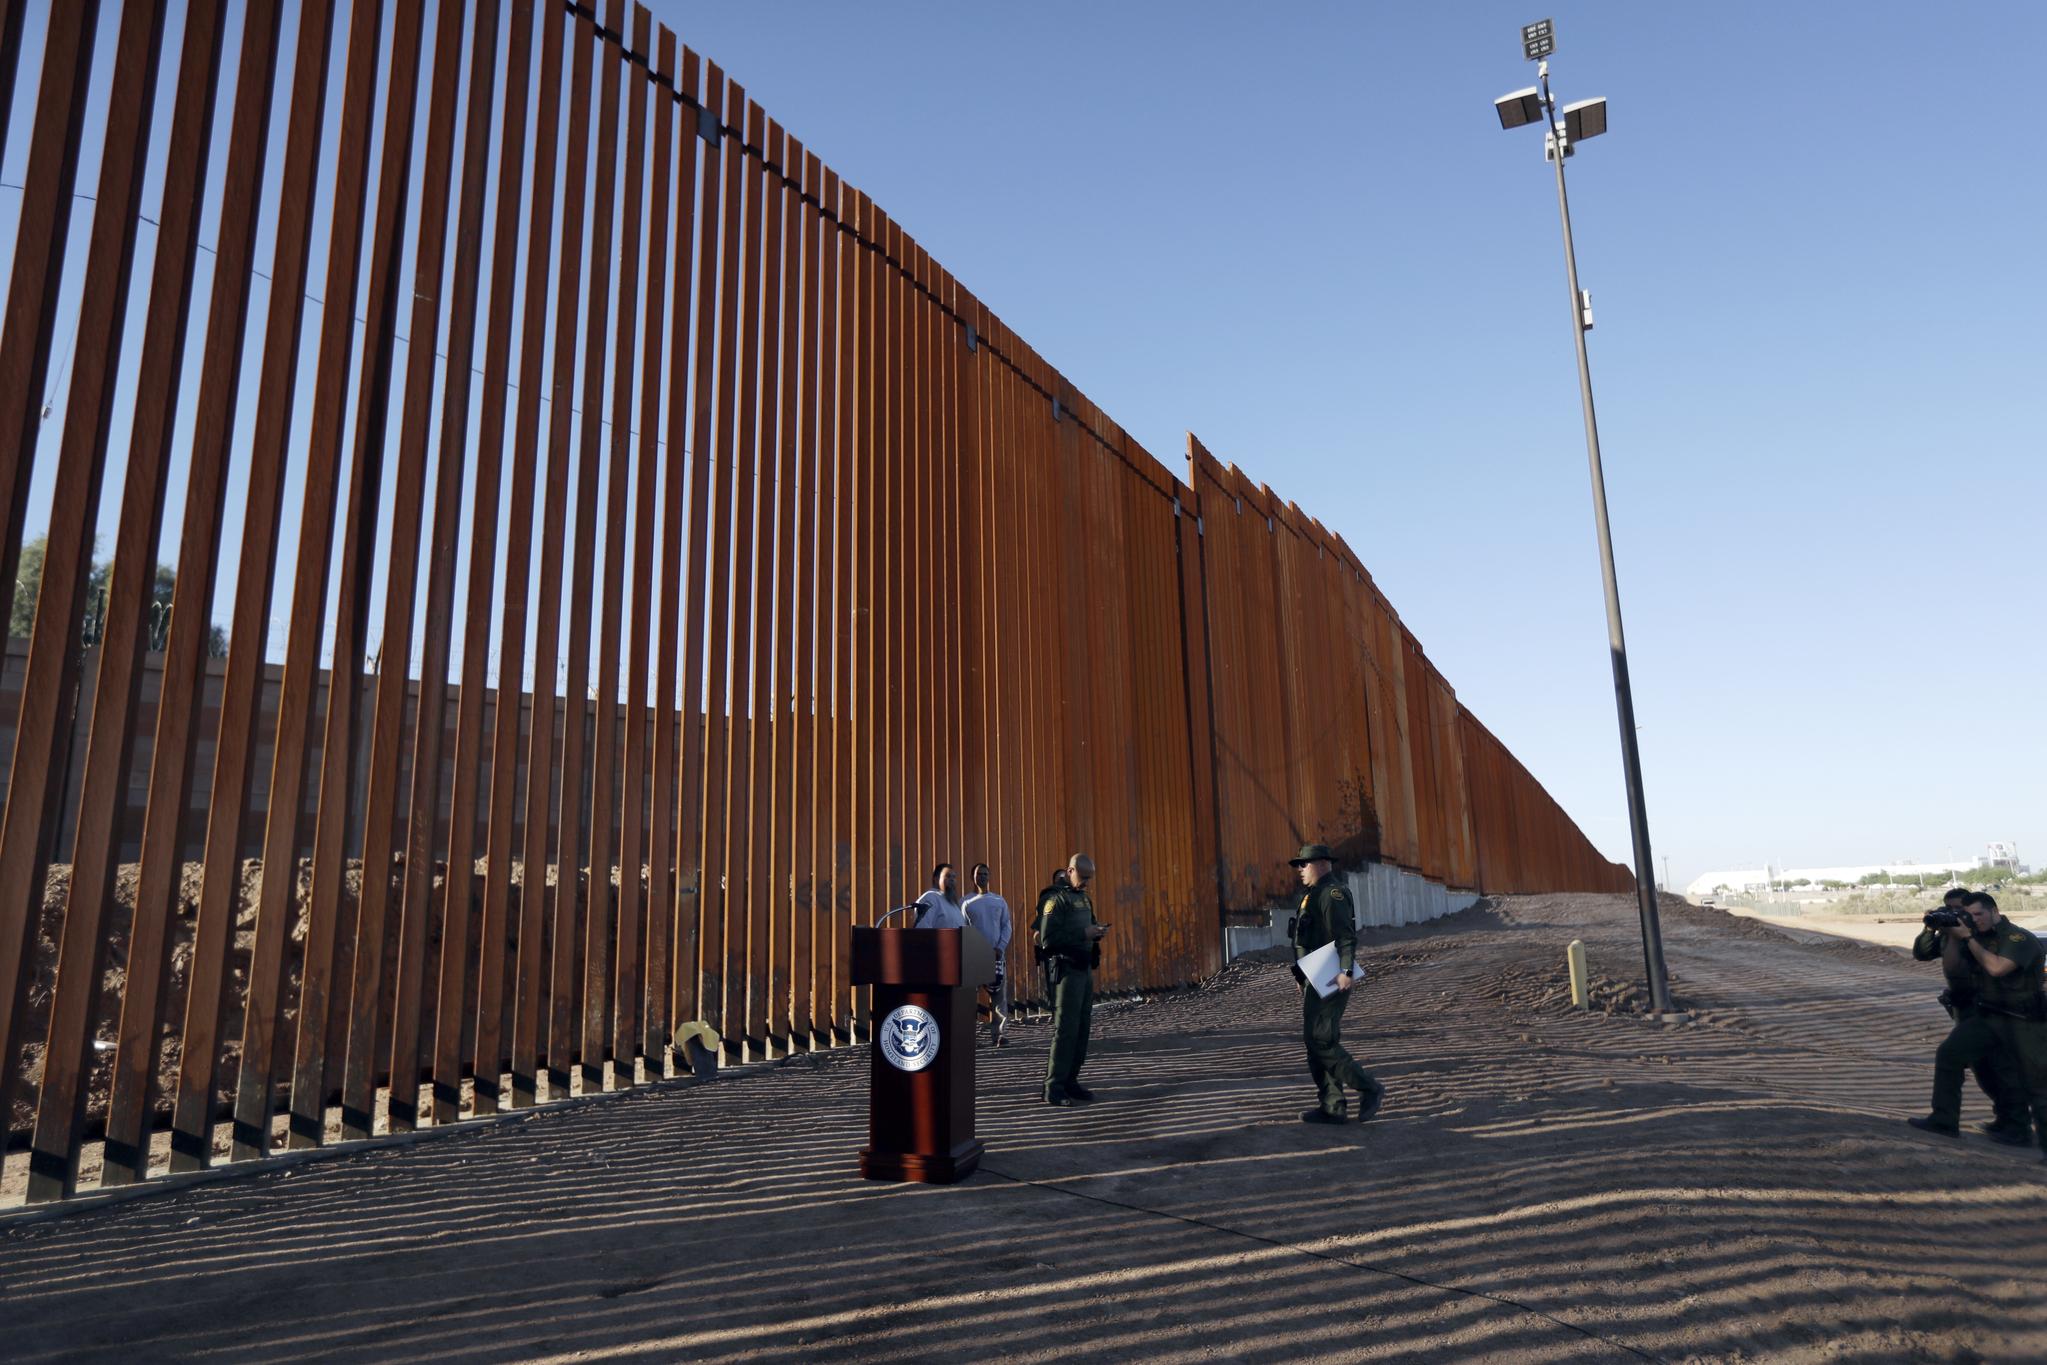 미국 캘리포니아 주와 멕시코 국경에 설치된 장벽. [AP=연합뉴스]